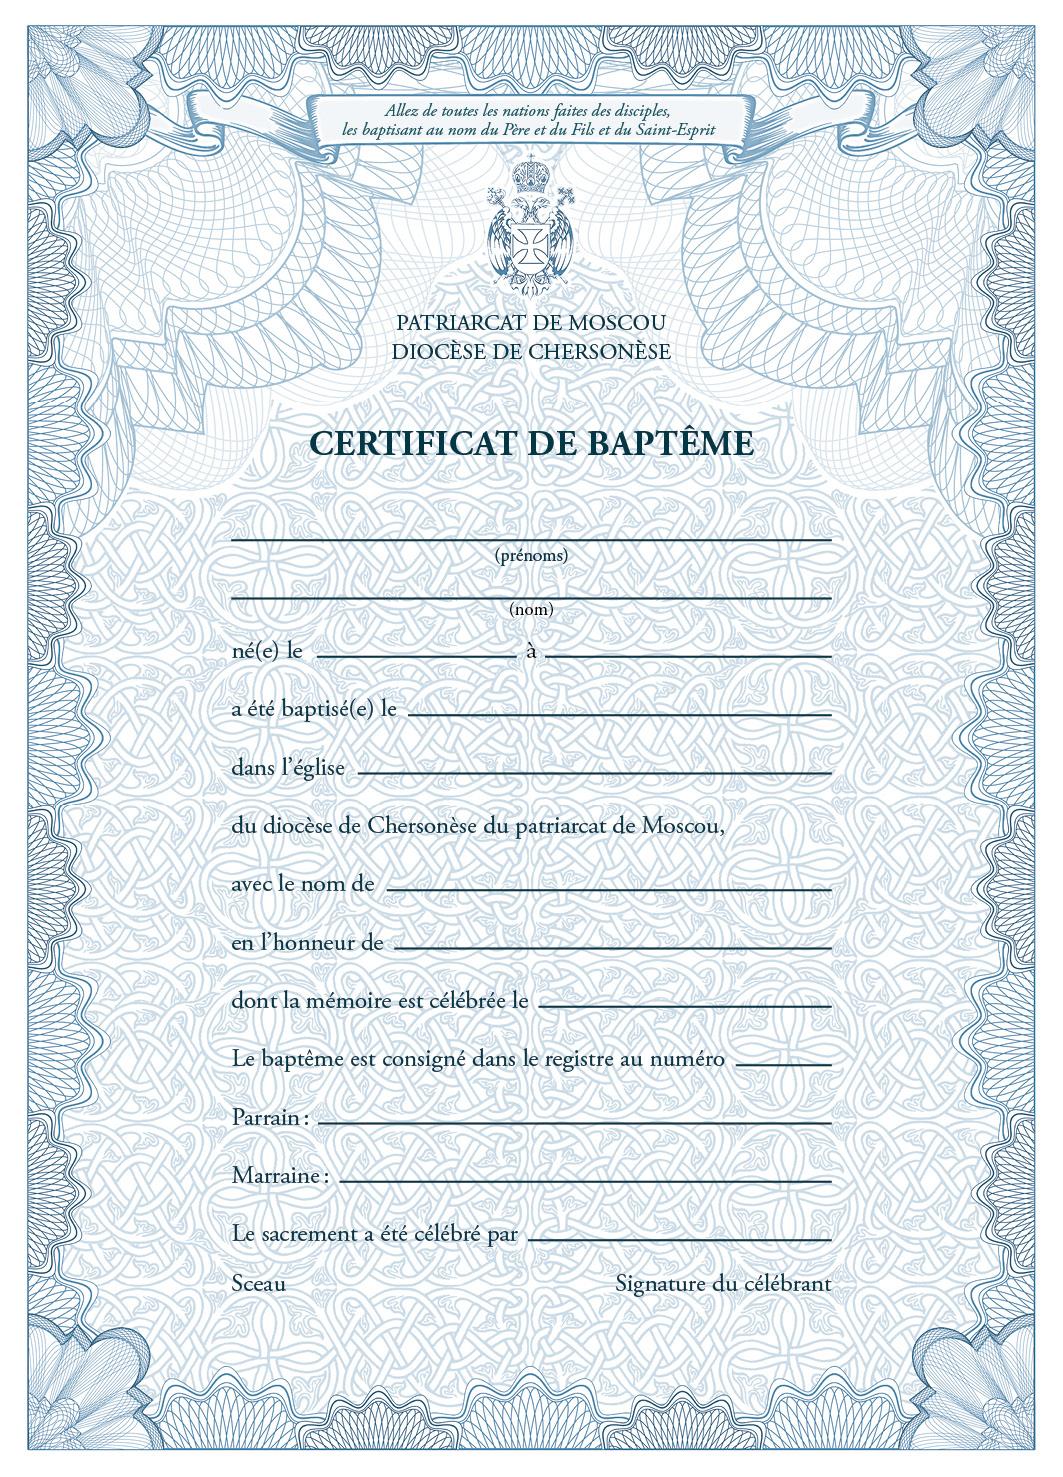 Certificats de baptême à l'usage des communautés du diocèse de Chersonèse